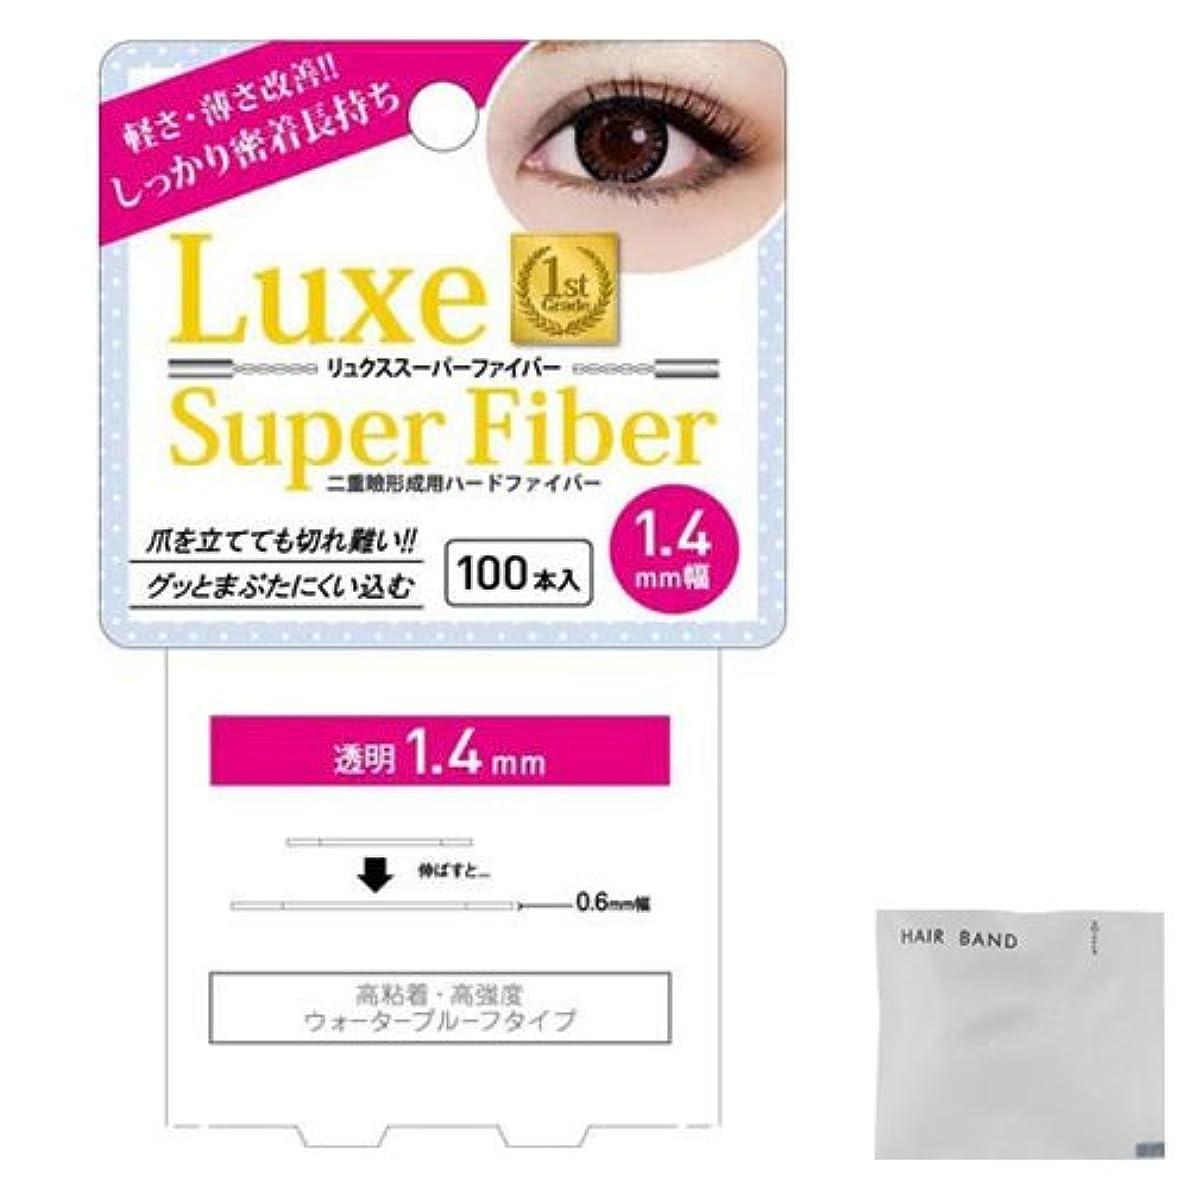 刈る継承断言するLuxe スーパーファイバーⅡ (Super Fiber) クリア1.4mm + ヘアゴム(カラーはおまかせ)セット